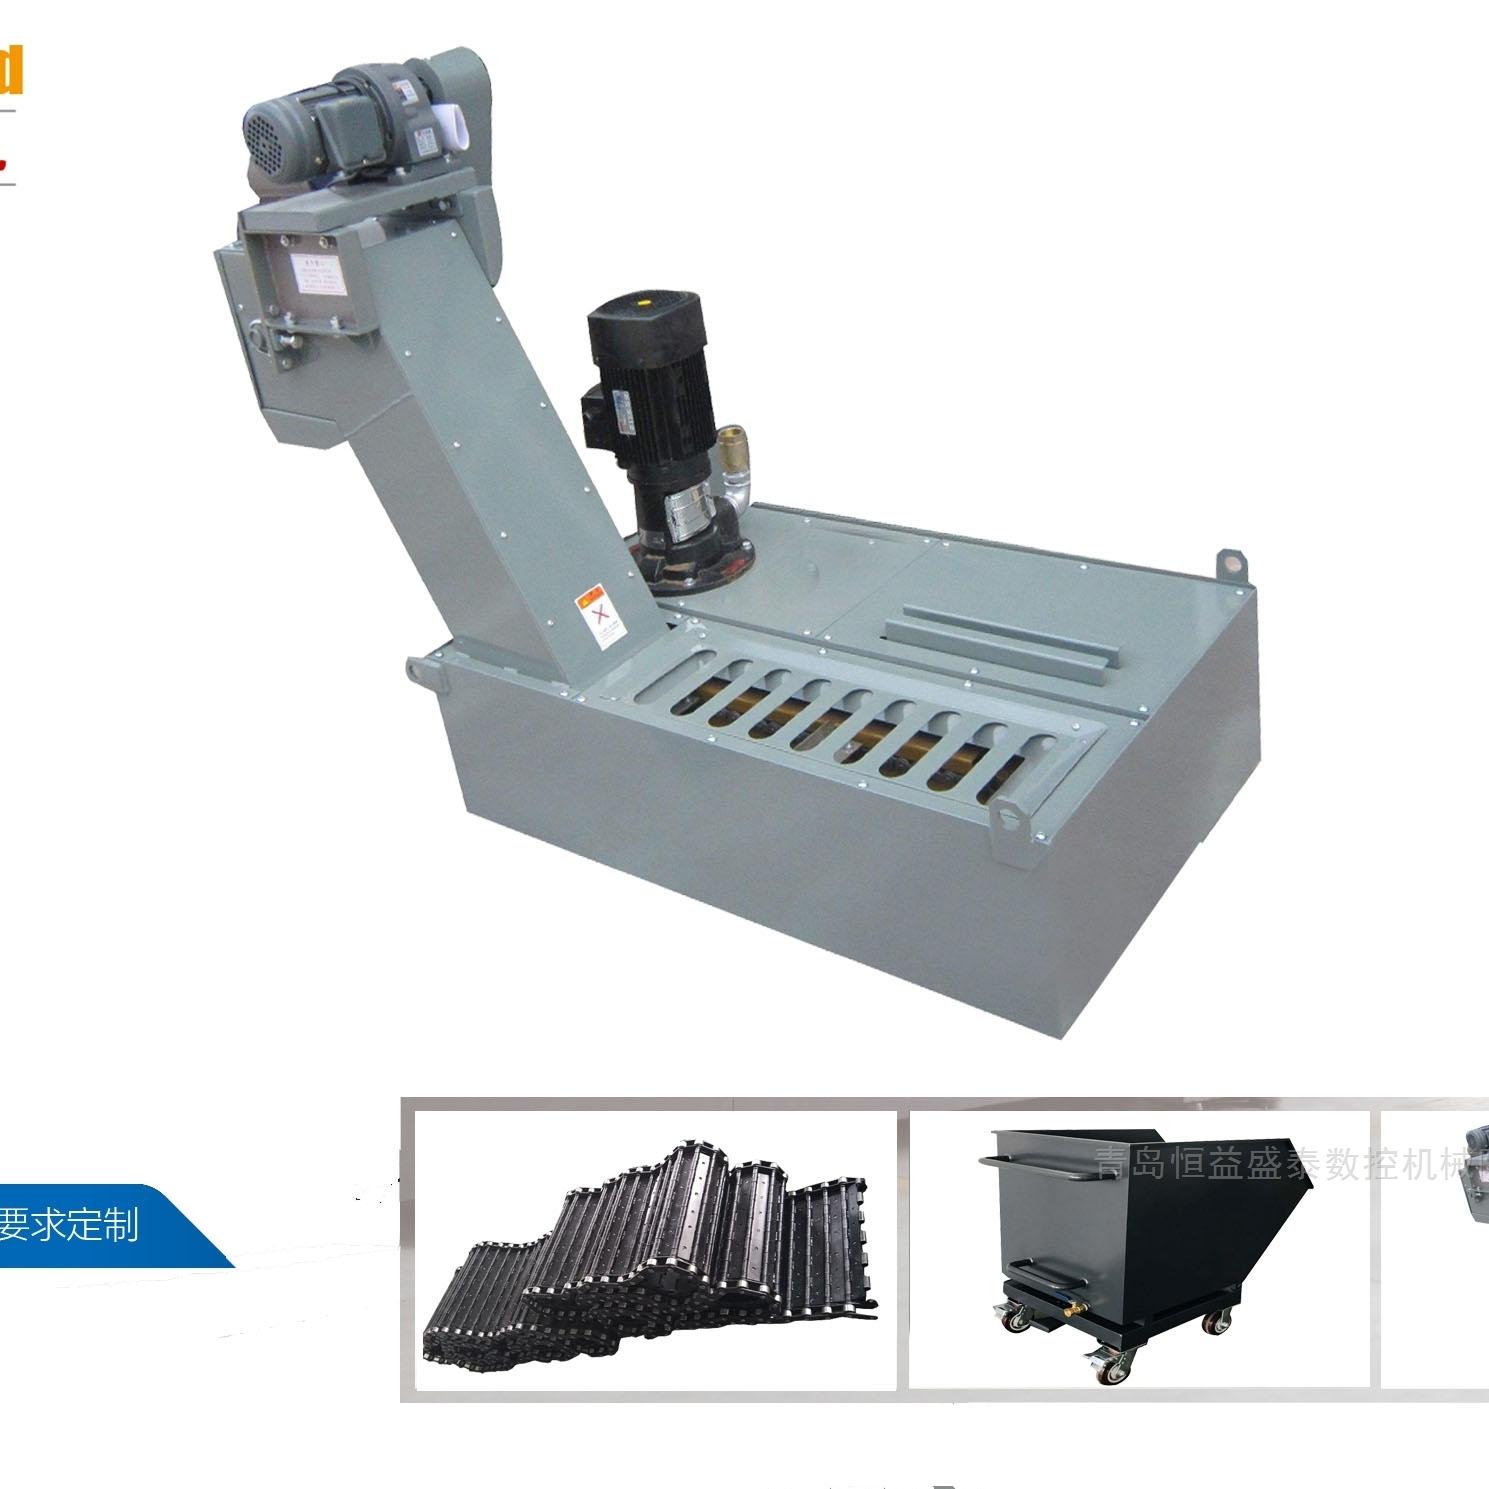 自动热室压铸机专用磁性排屑机